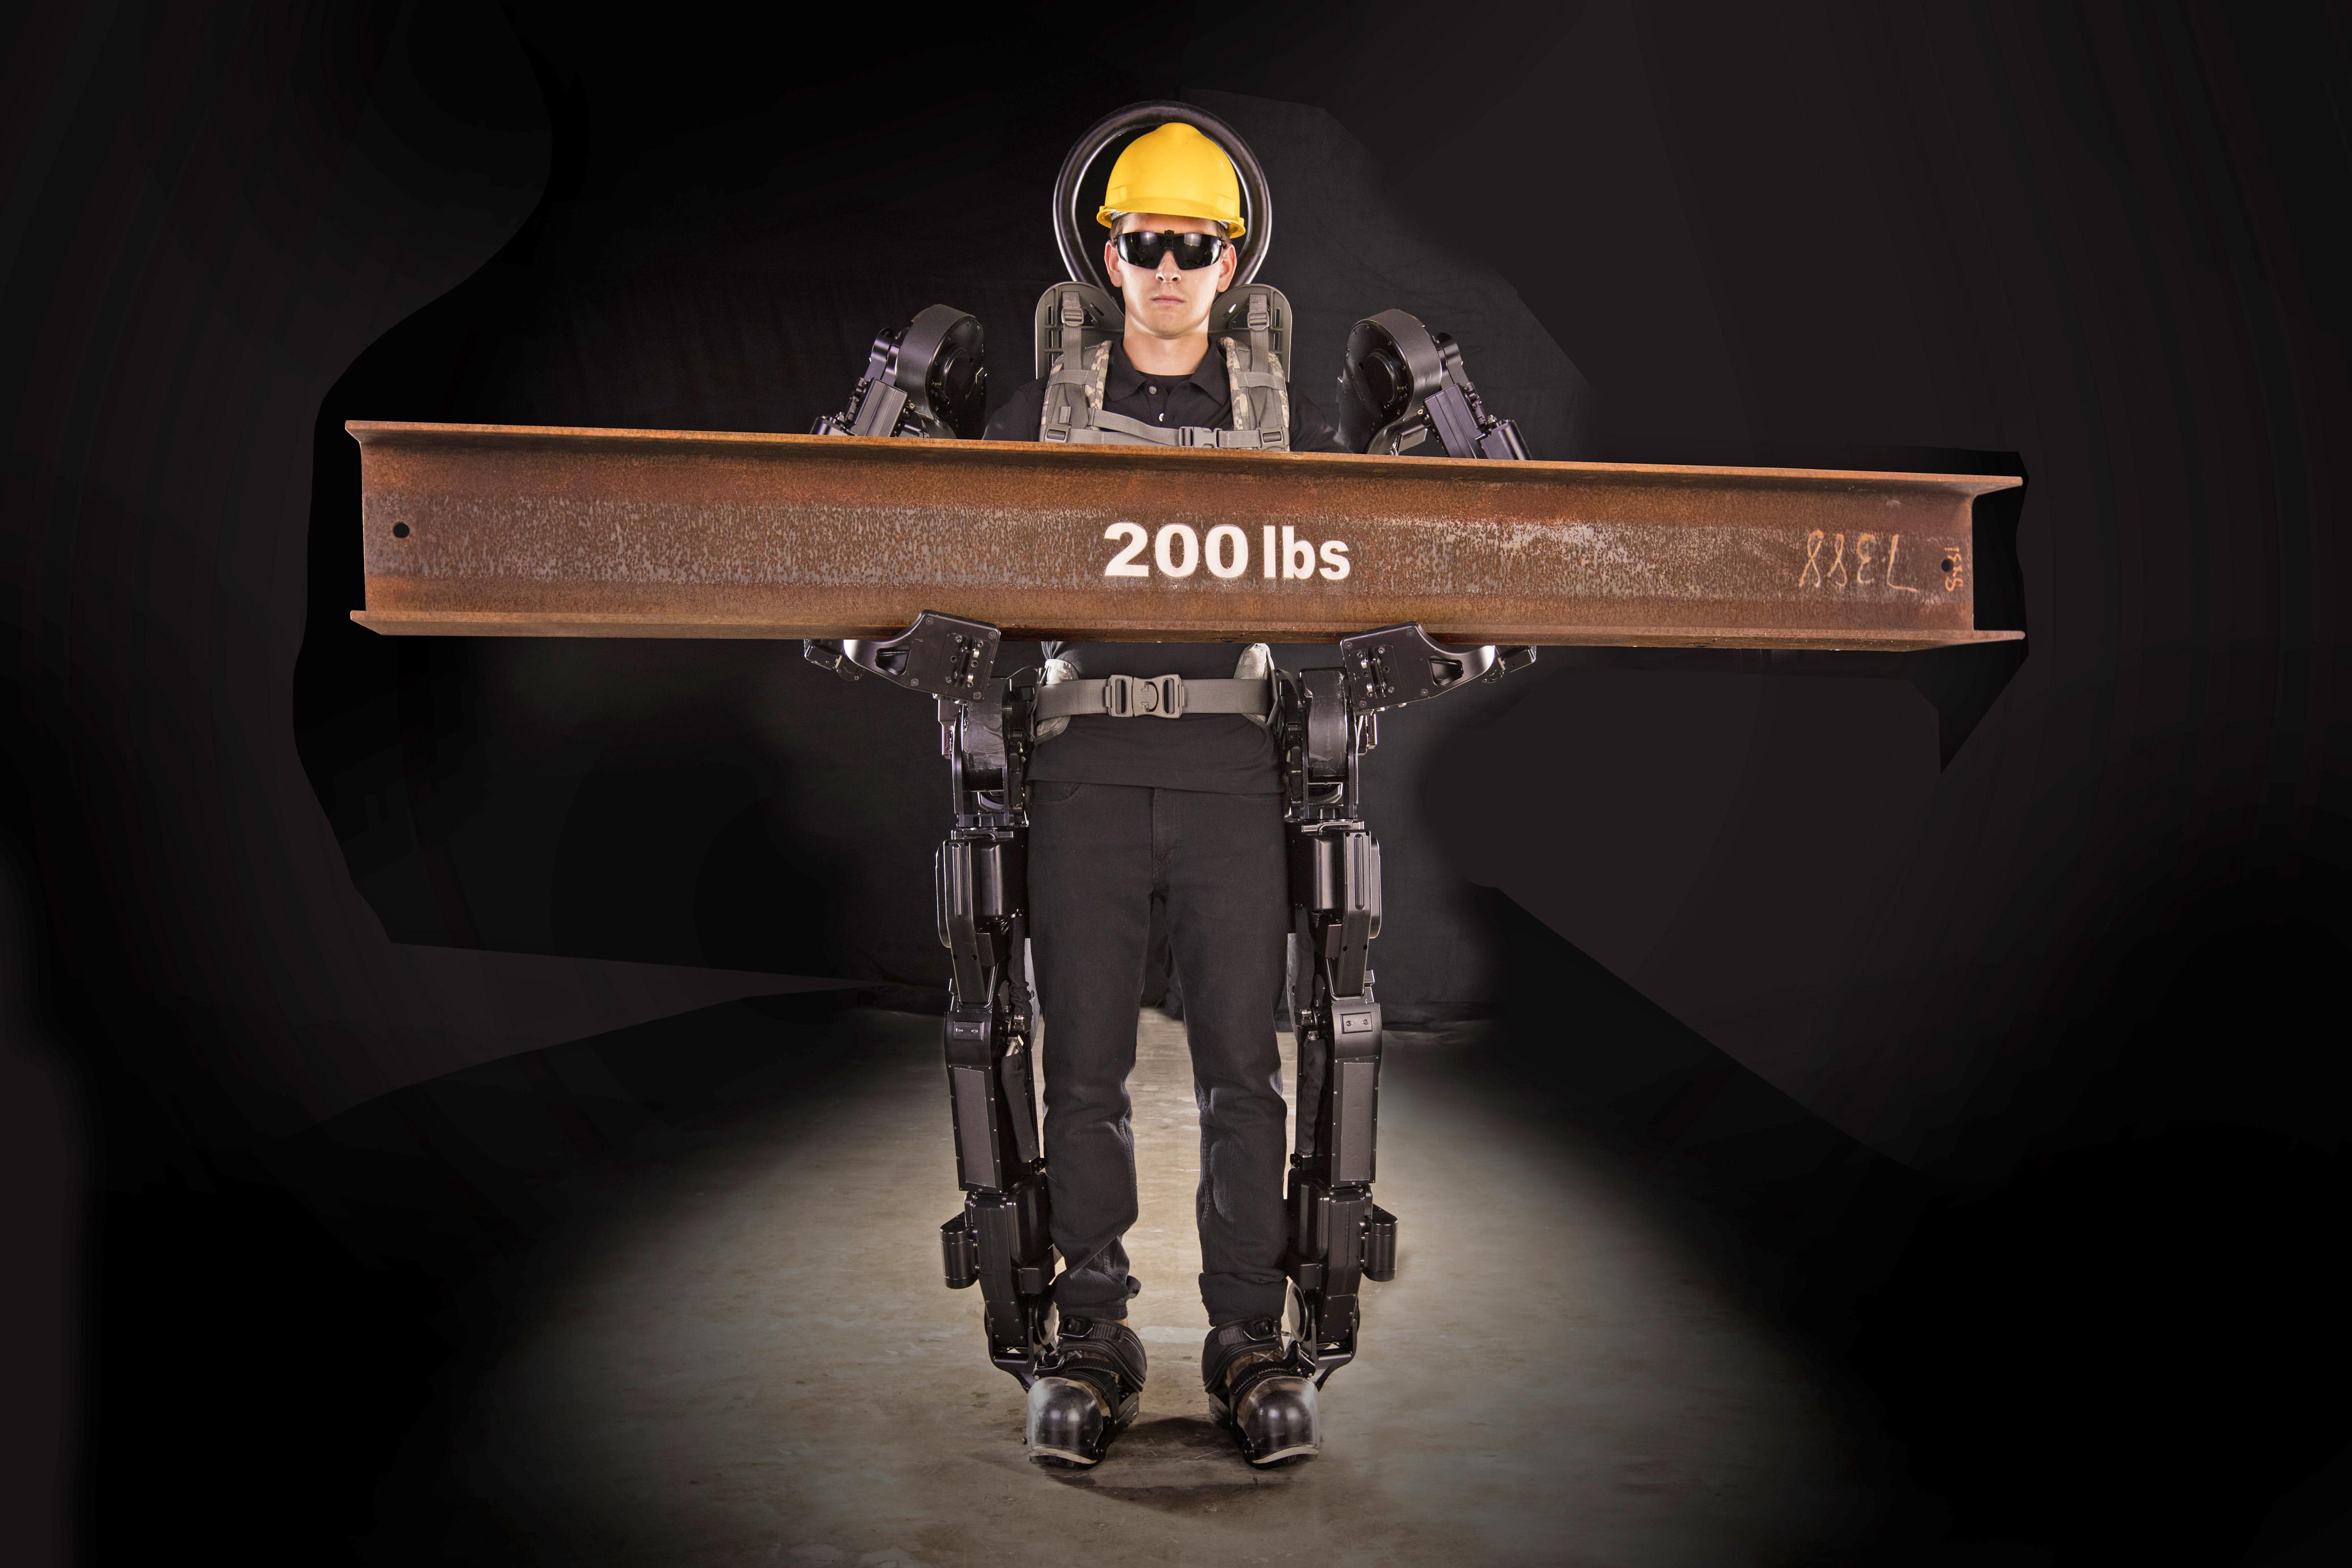 saul-ameliach-orta--consultor-tecnologico-saul-ameliach--iron-man--supertrabajadores-iron-man-convierte-a-los-empleados-en-sobrehumanos-noticias